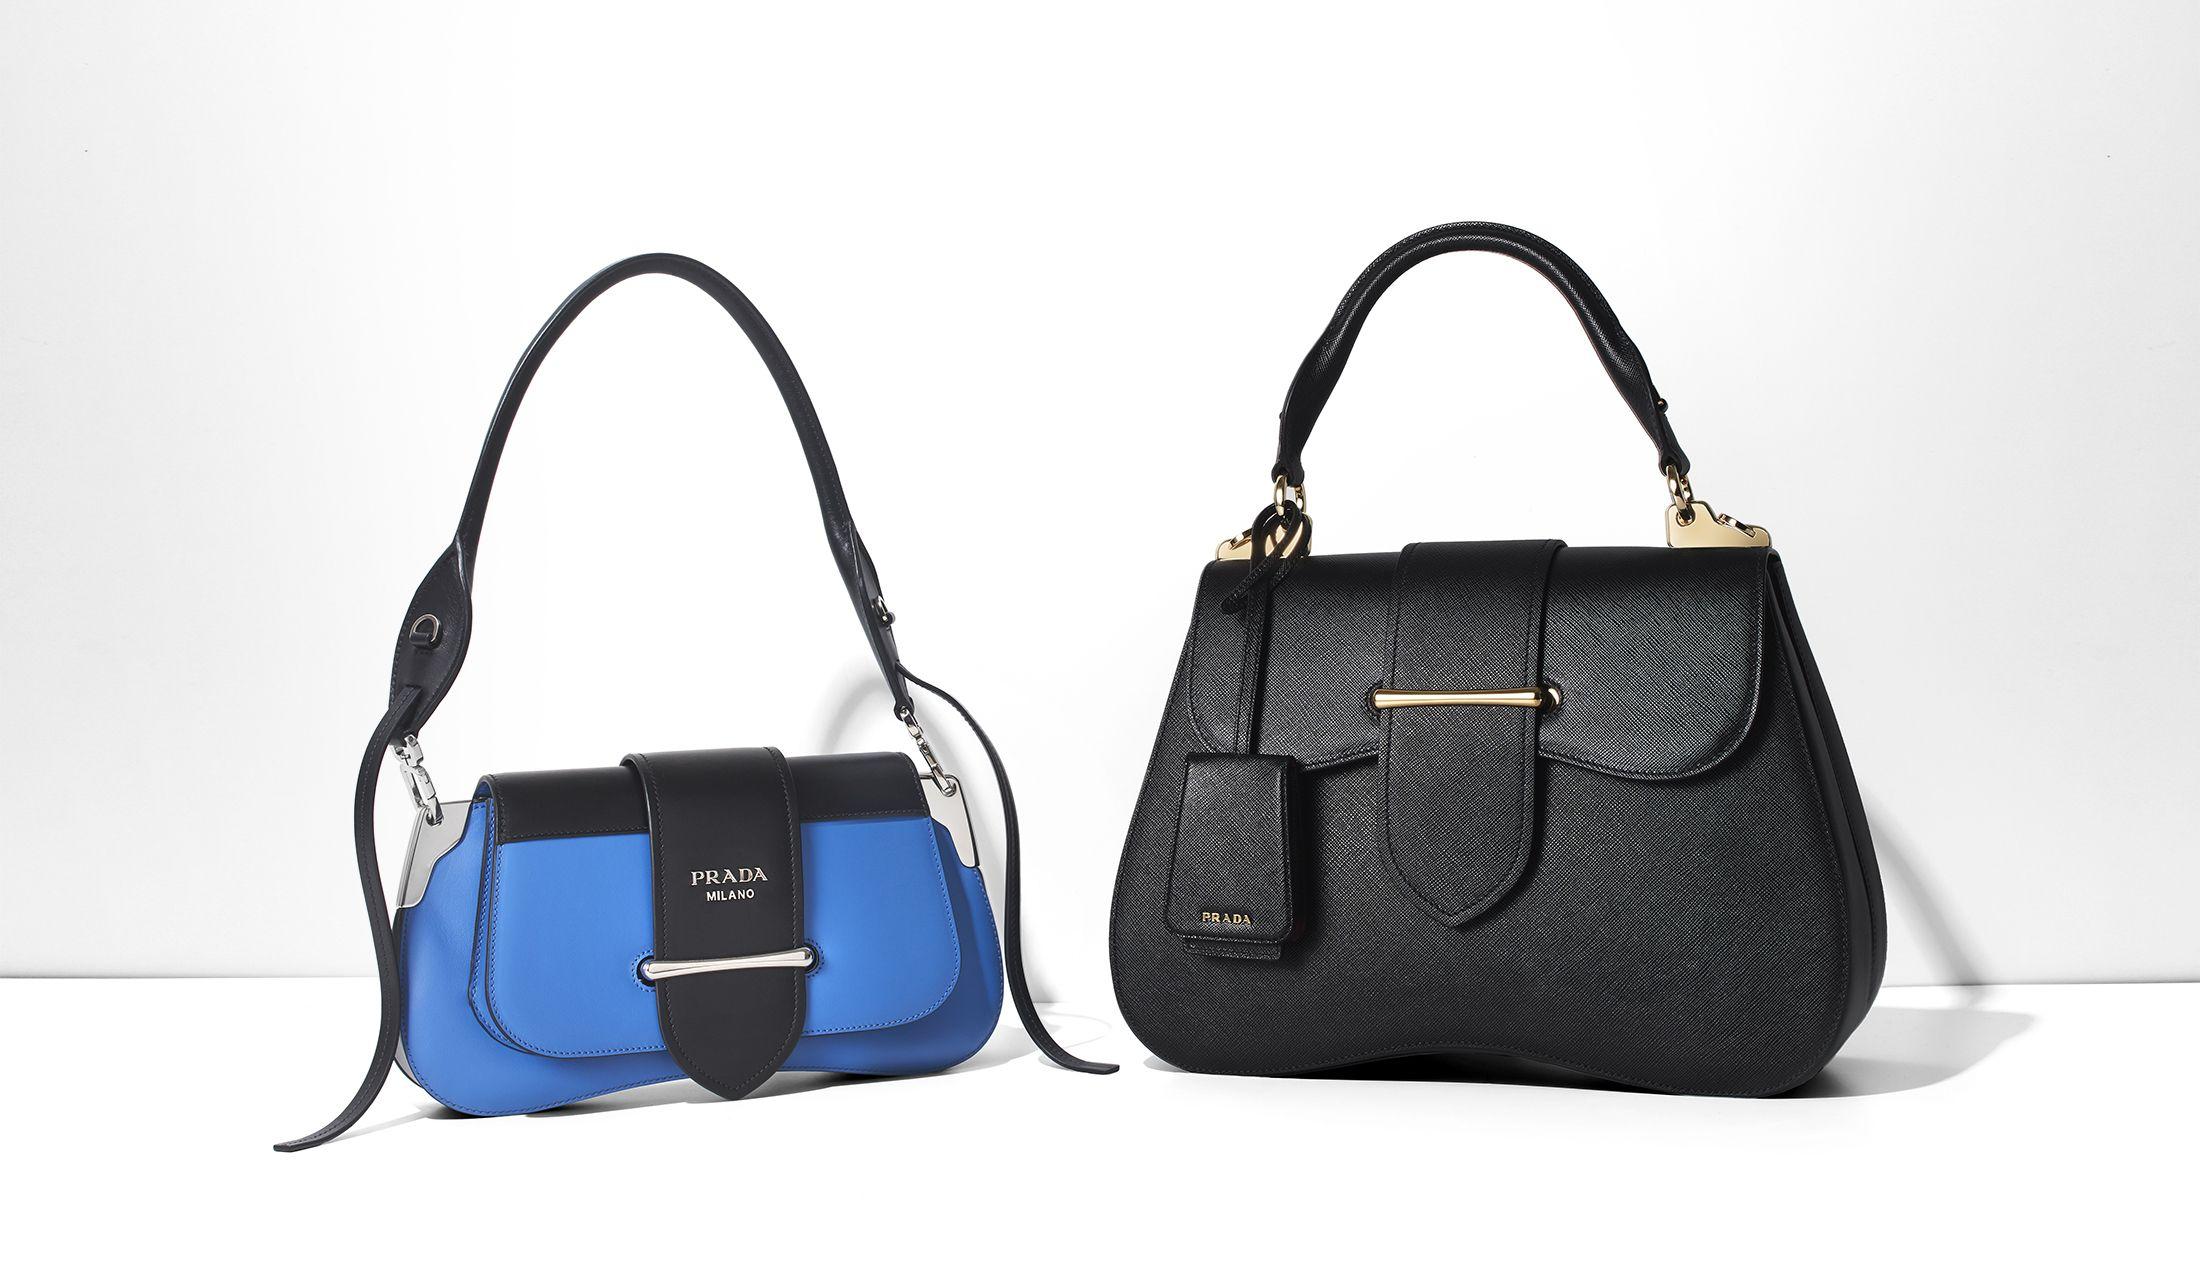 PRADA(プラダ)の2019年春夏の新作バッグの写真